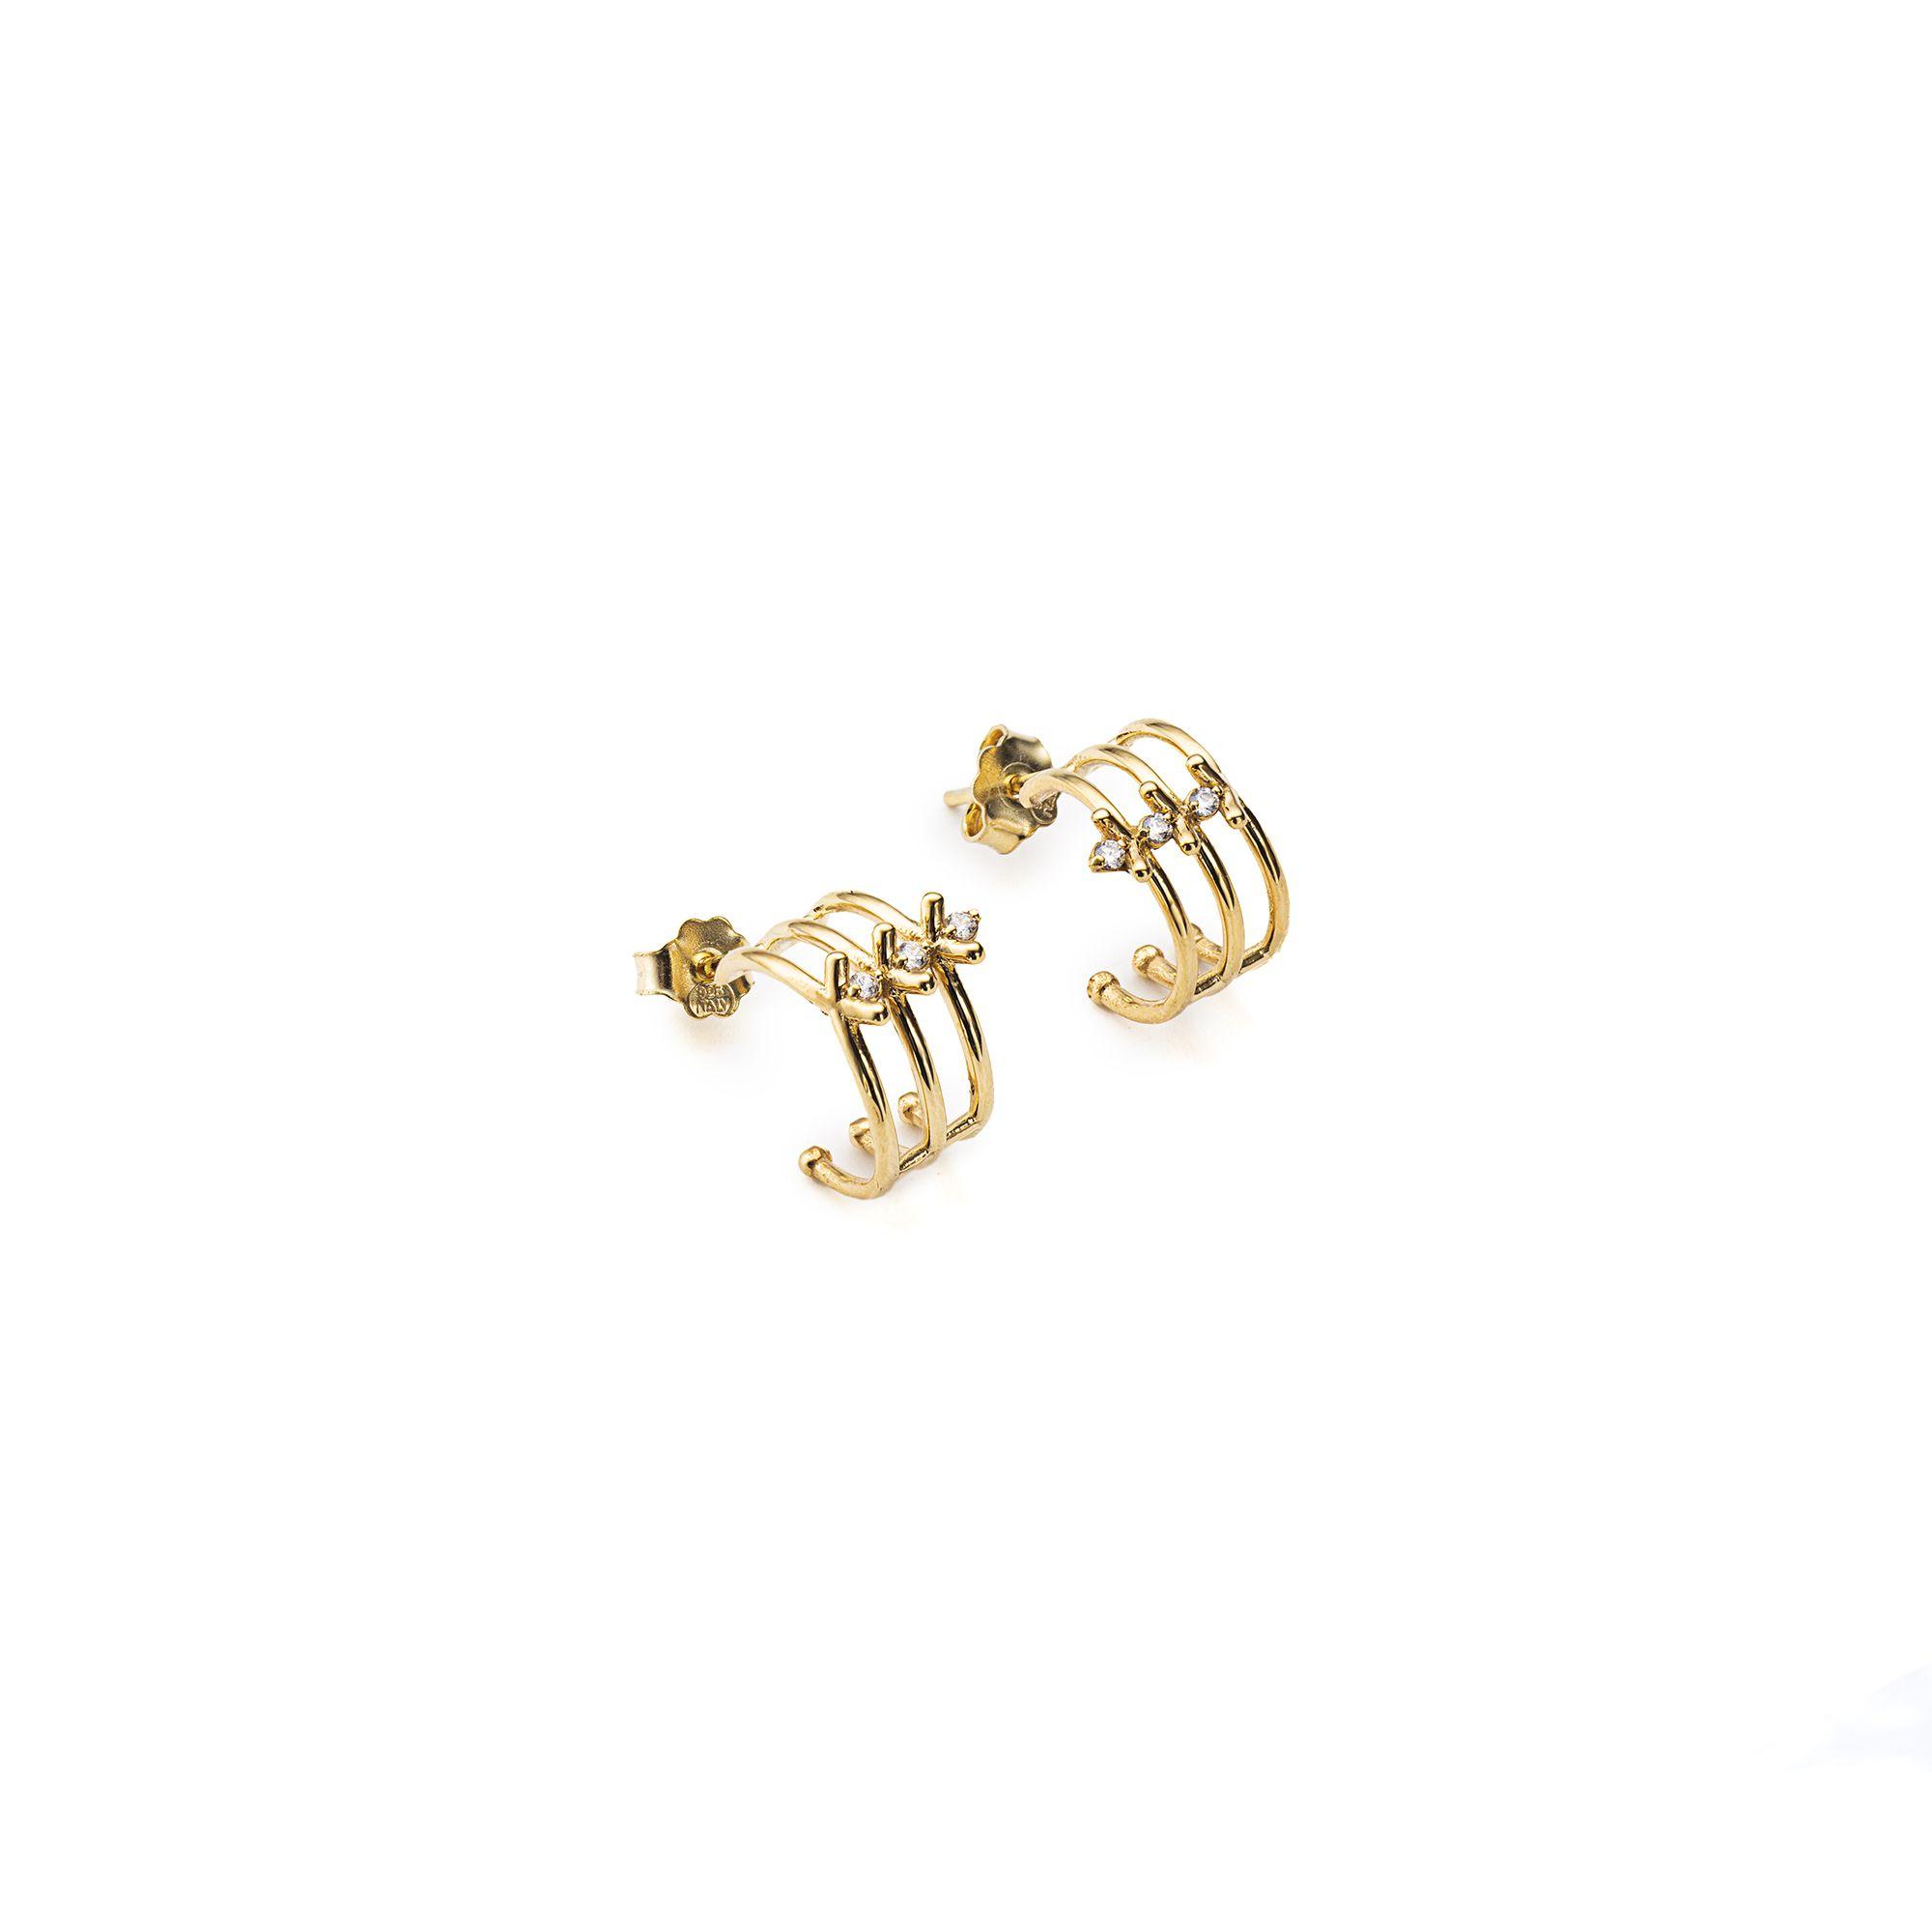 3 element 'Spinae' hoop earrings Bronze earrings with stones